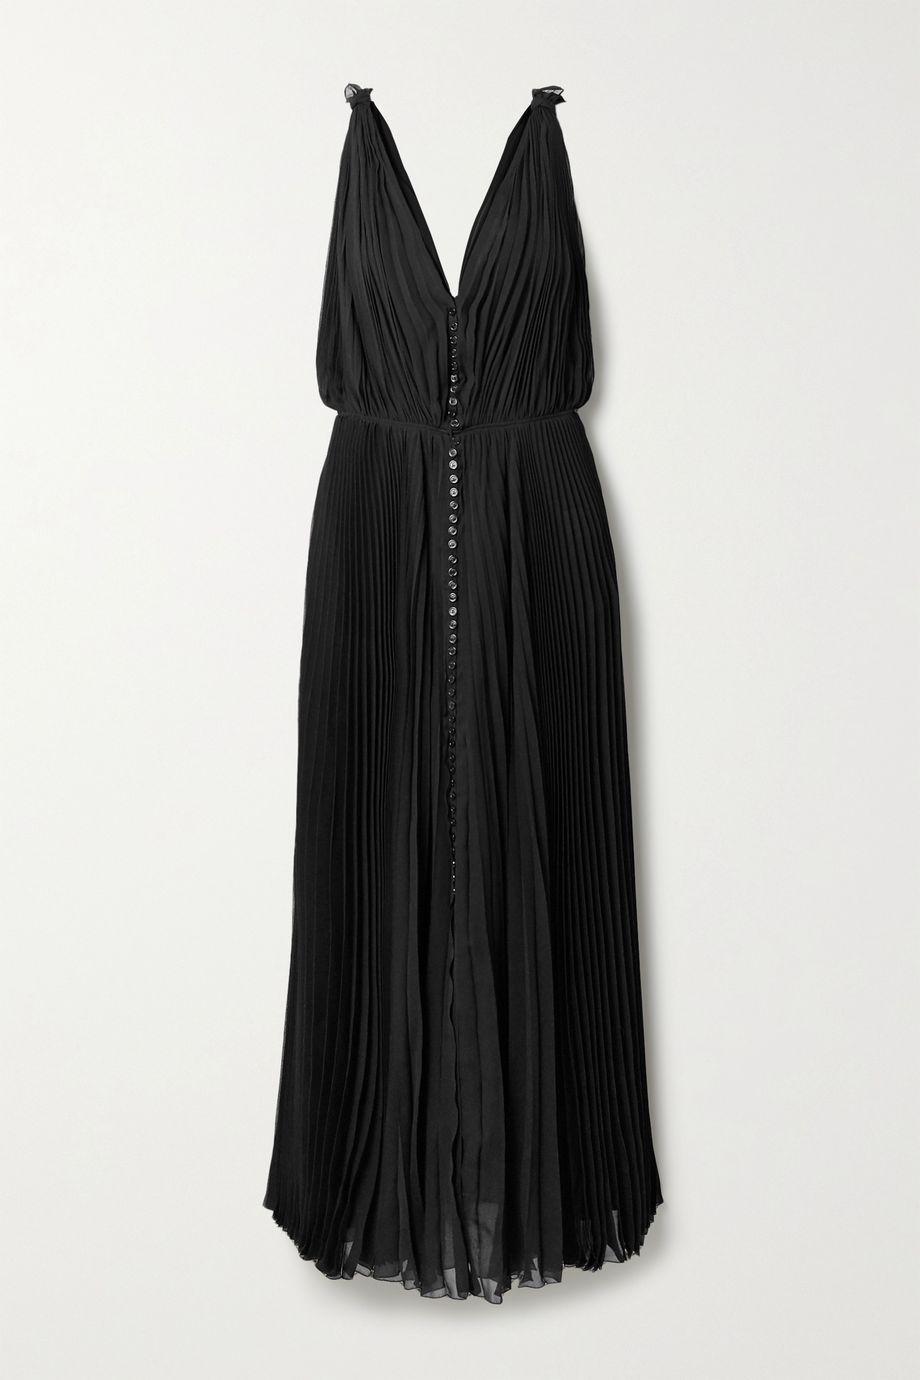 Chloé Robe longue en crépon plissé